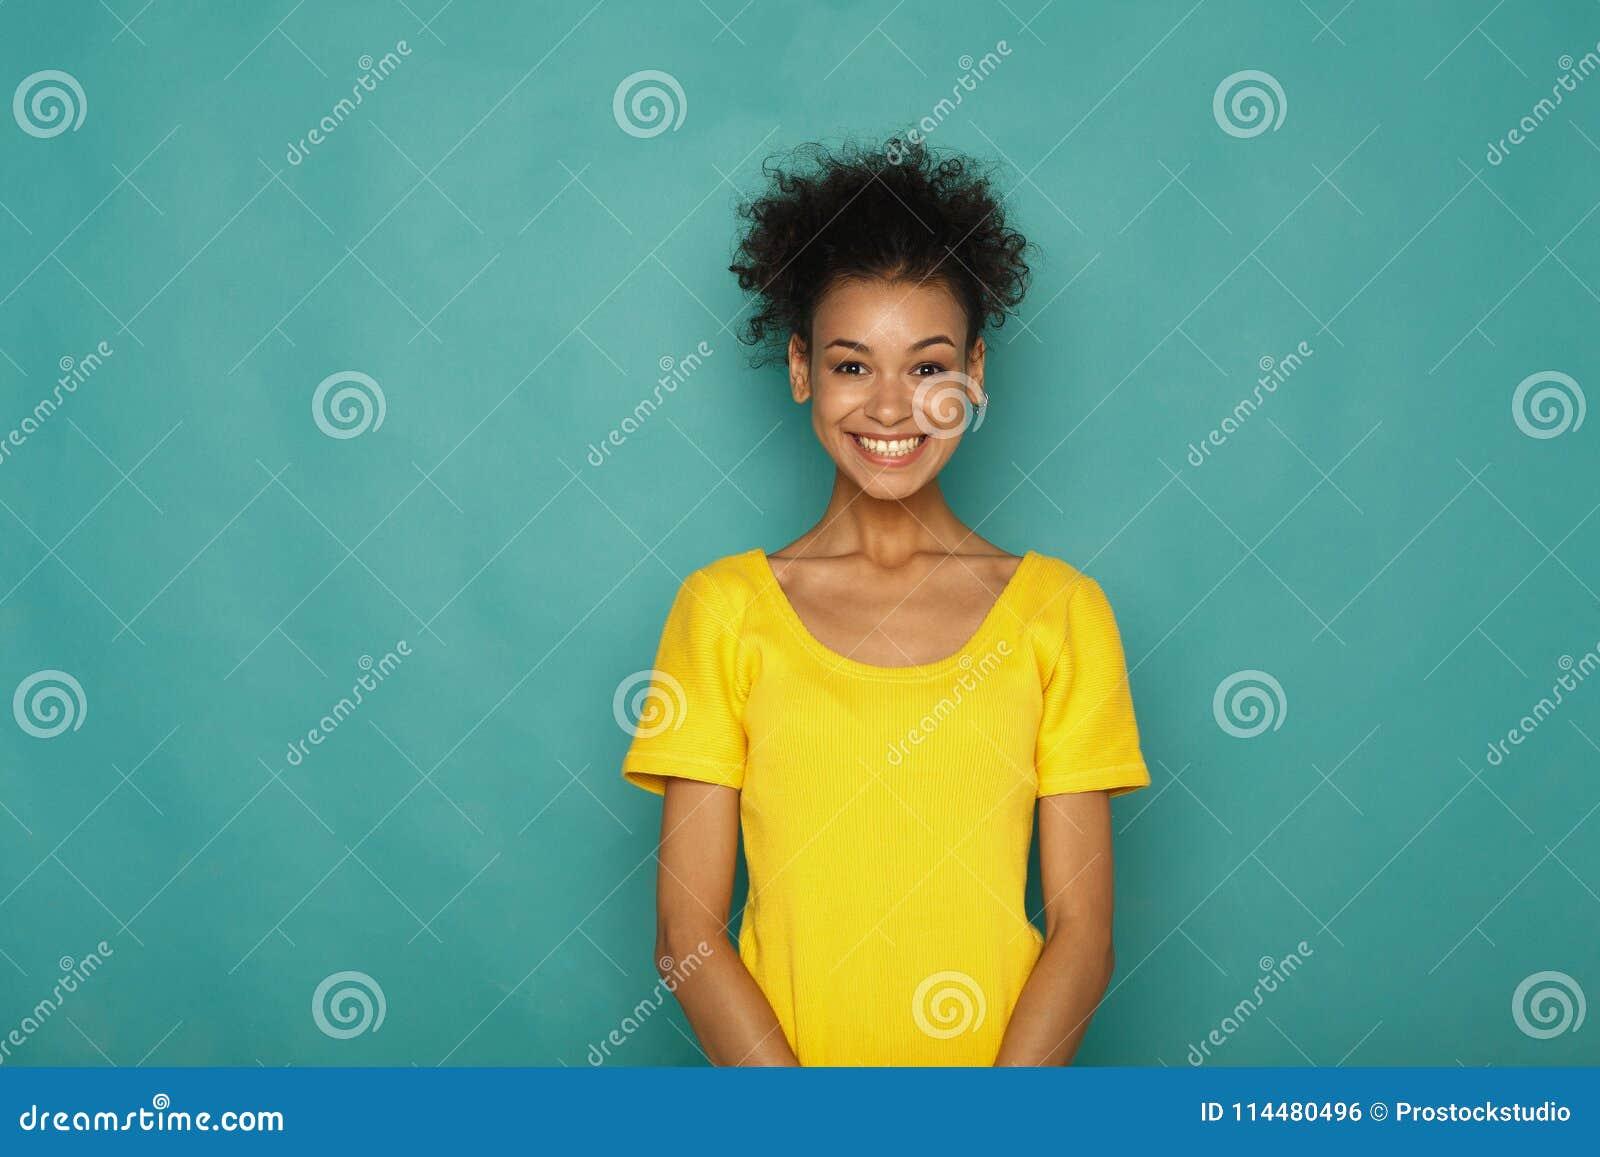 Młody roześmiany atrakcyjny kobieta portret